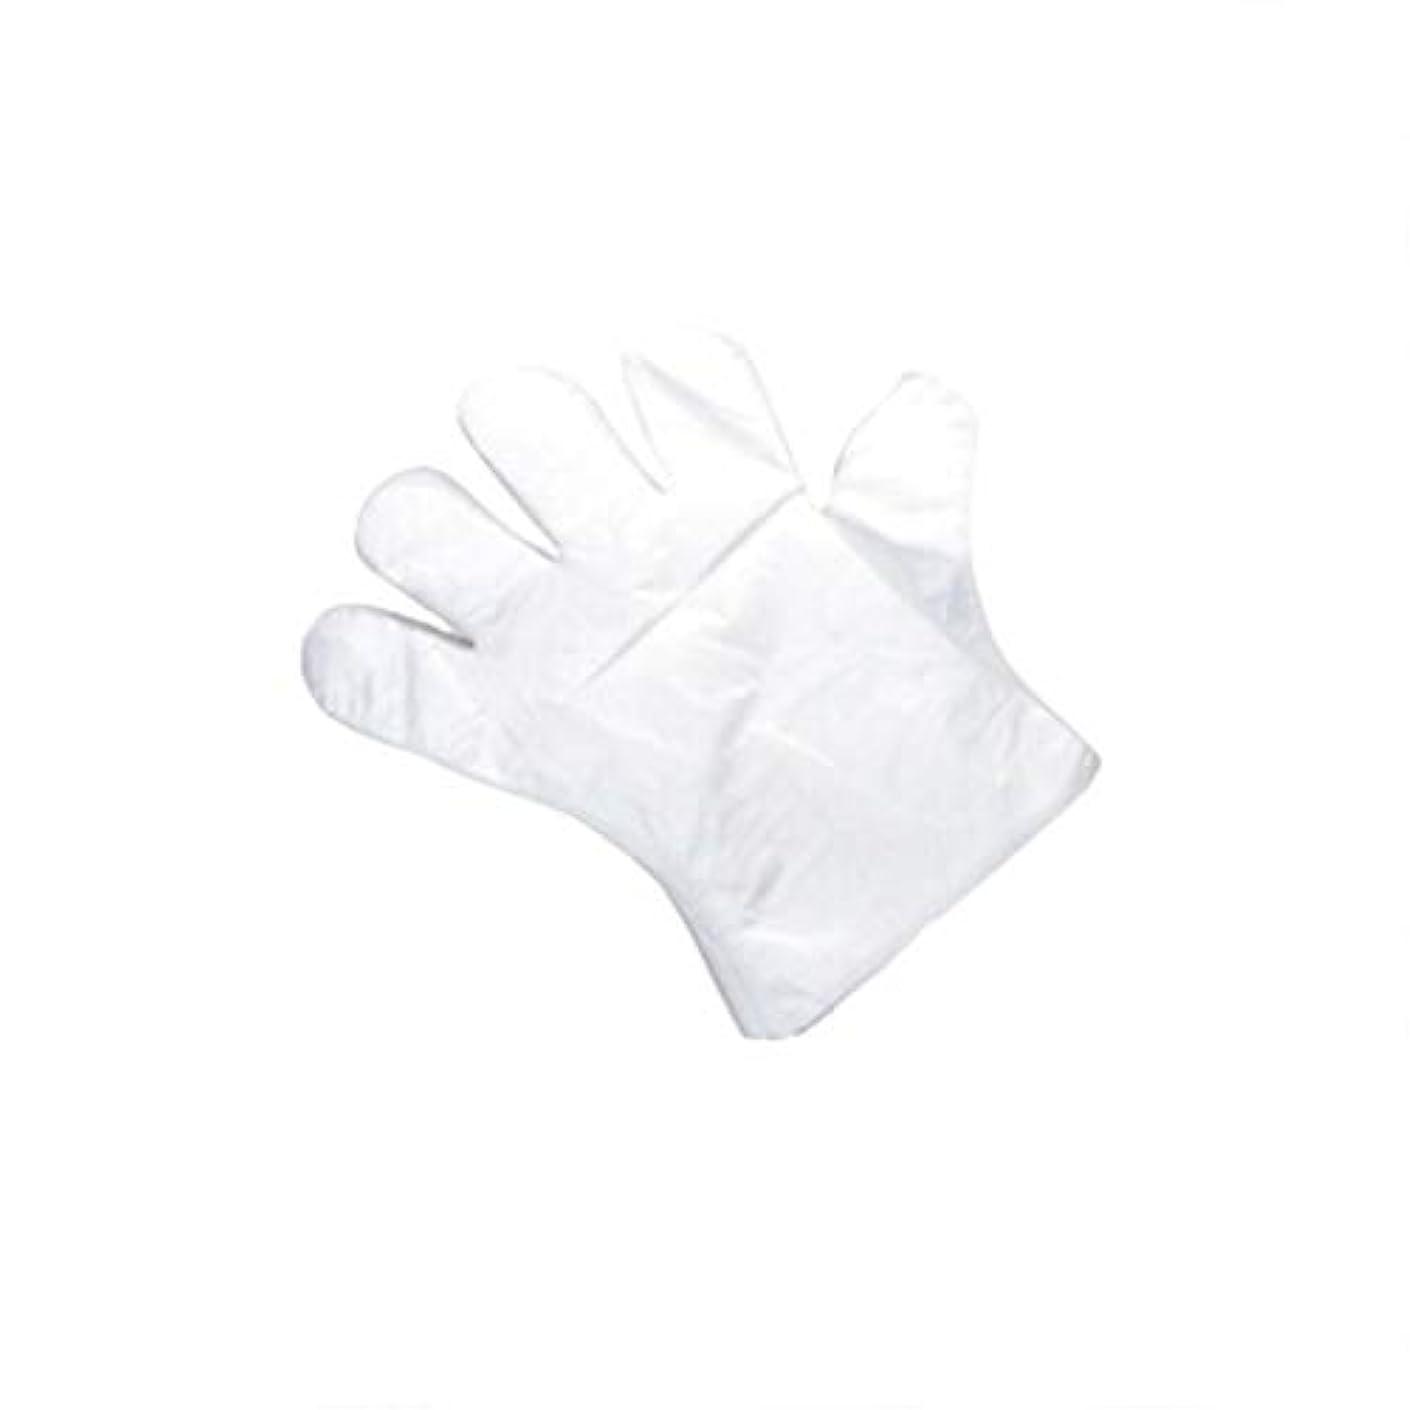 やさしくマイルストーン社会学手袋、使い捨て手袋、肥厚、抽出手袋、テーブル、ピクニック、100スーツ。